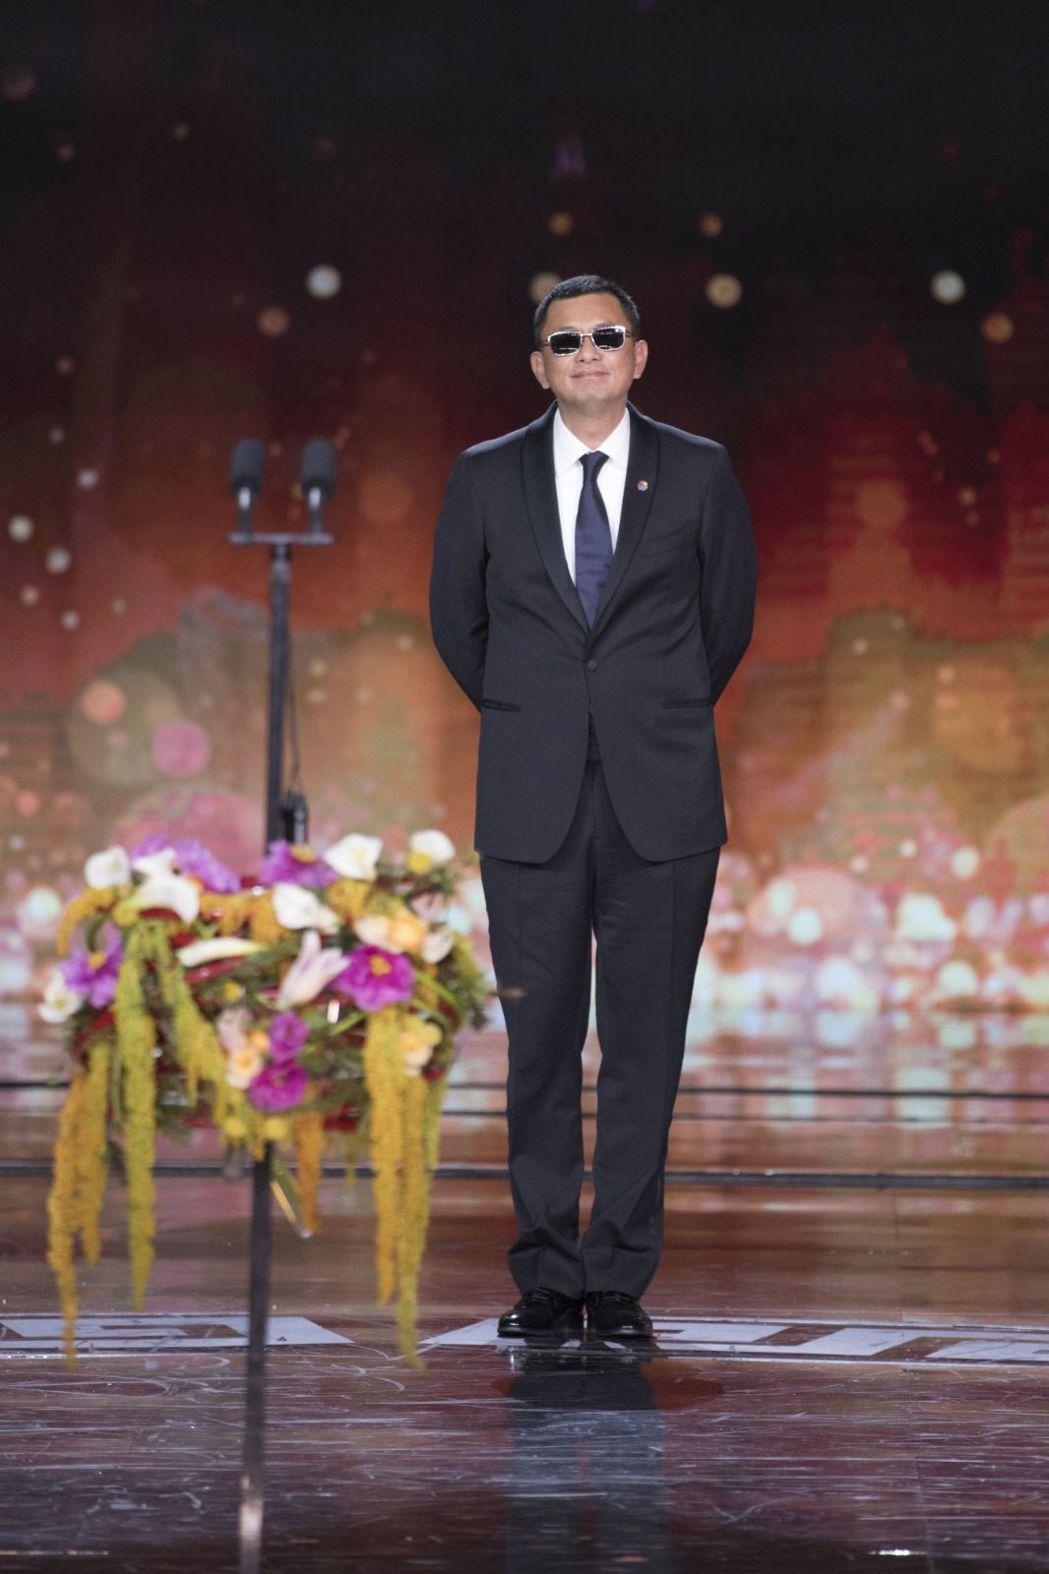 王家衛擔任第8屆北京國際電影節評委會主席,在開幕儀式上妙語如珠。圖/澤東提供